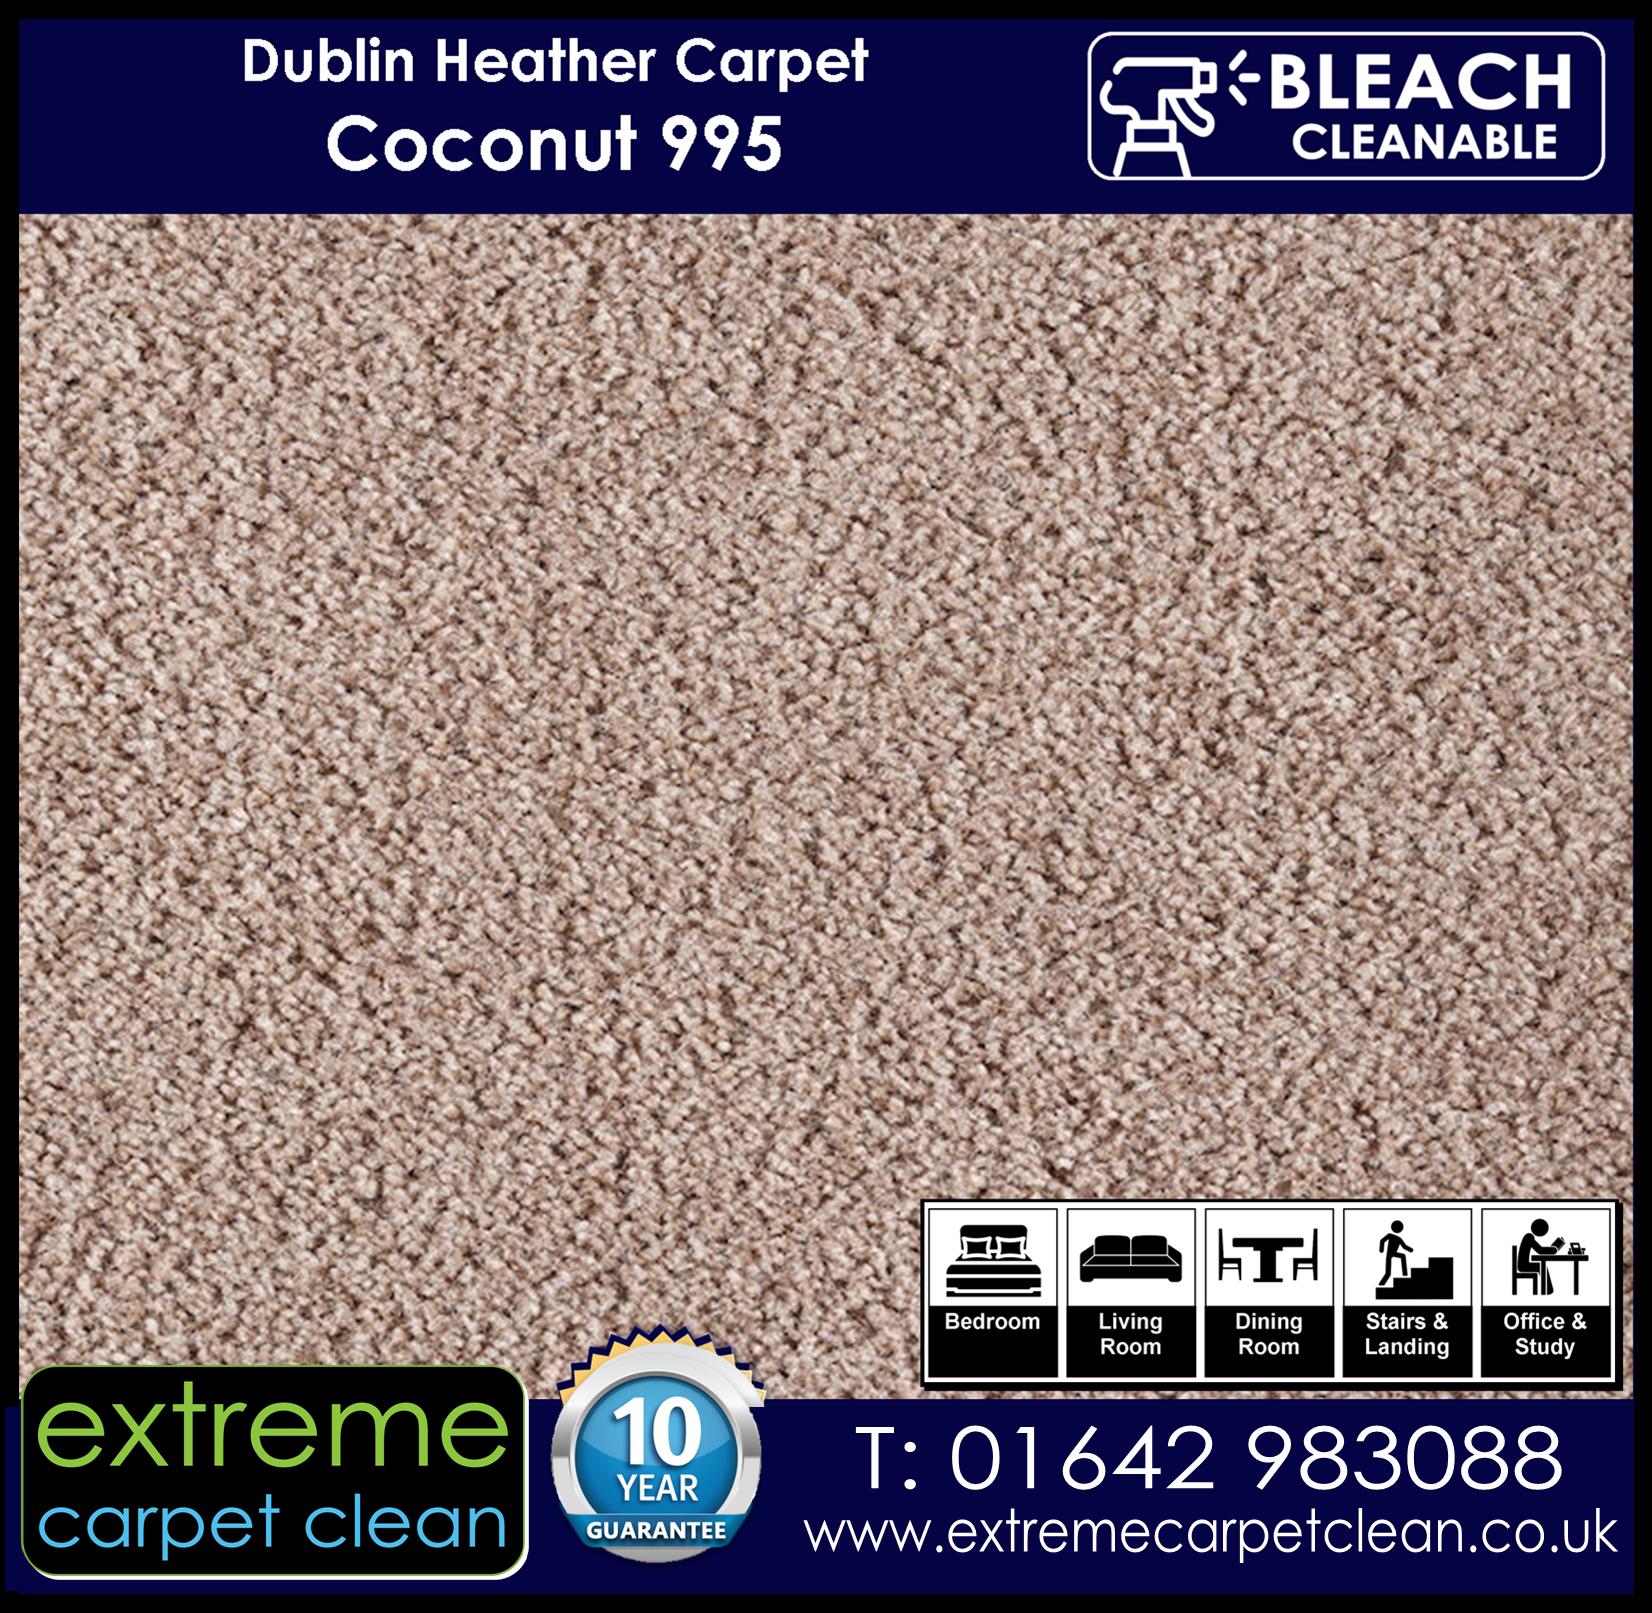 Dublin Heather Carpet Range. Coconut 995 Extreme Carpet Clean